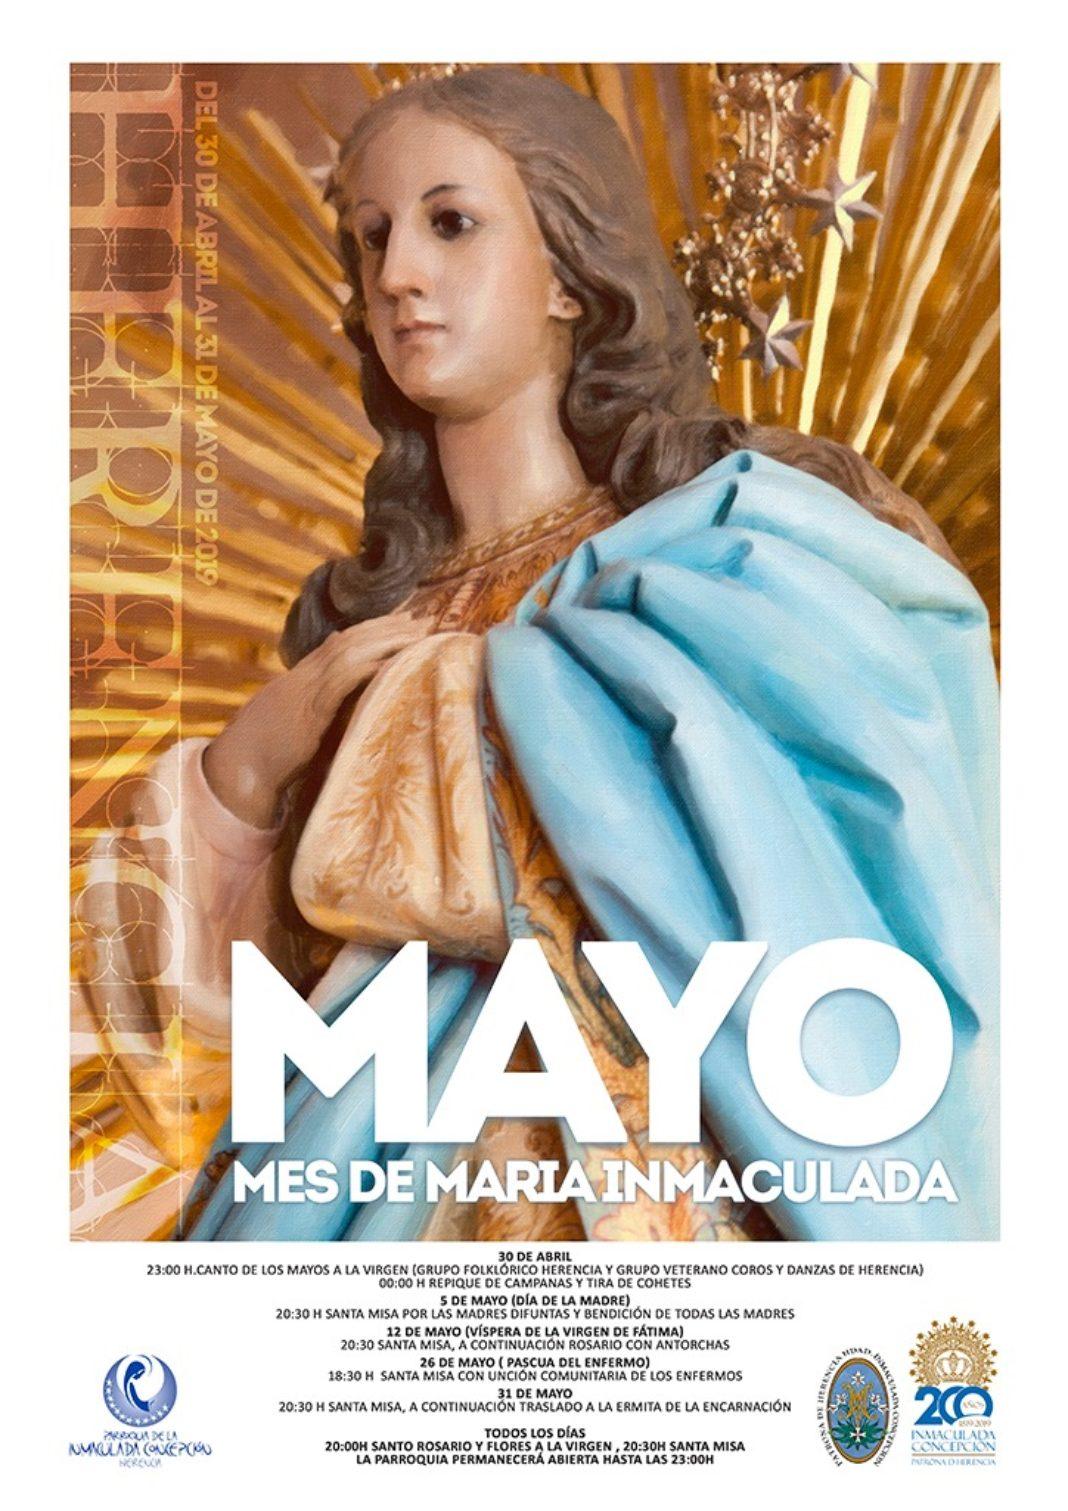 La Virgen de la Inmaculada será la protagonista durante el mes de mayo en la parroquia 4